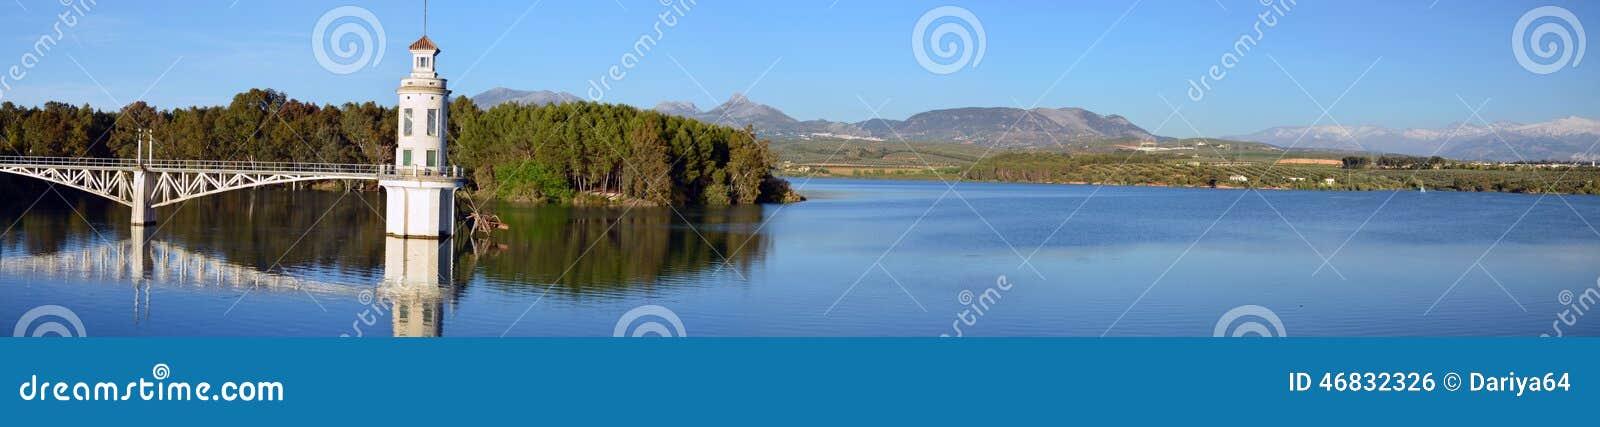 Panorama Cubillas rezerwuar w ptovance Granada wewnątrz I